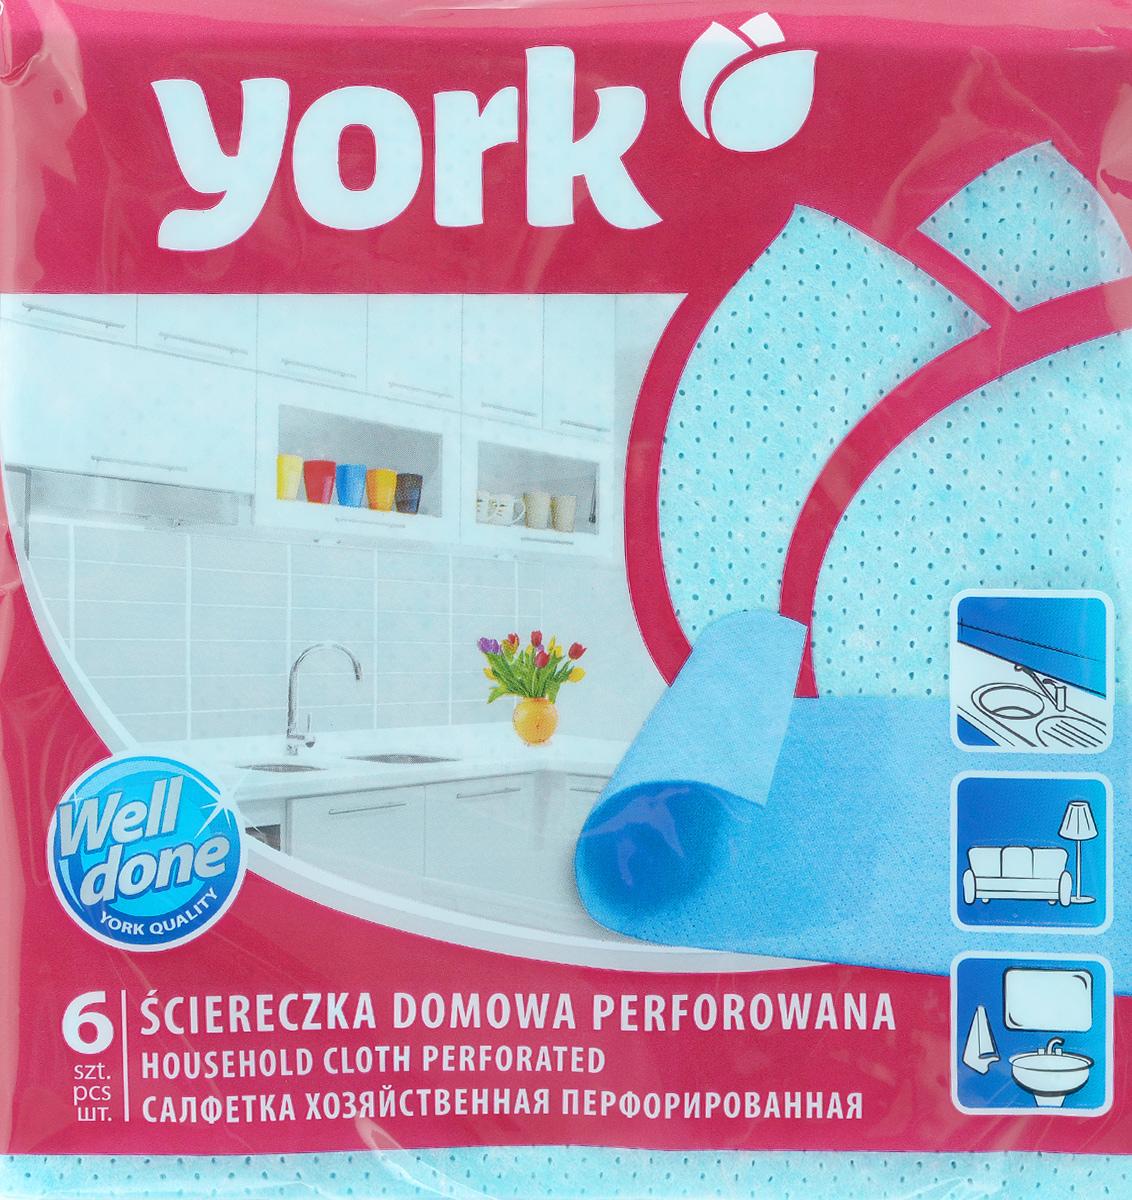 Салфетка перфорированная York, цвет: голубой, 34 х 35 см, 6 штDW90Перфорированная салфетка York предназначена для мытья, протирания и полировки. Салфетка выполнена из вискозы с добавлением полипропиленового волокна, отличается высокой прочностью. Благодаря перфорации хорошо поглощает влагу. Идеальна для ухода за столешницами на кухне. Может использоваться в сухом и влажном виде.